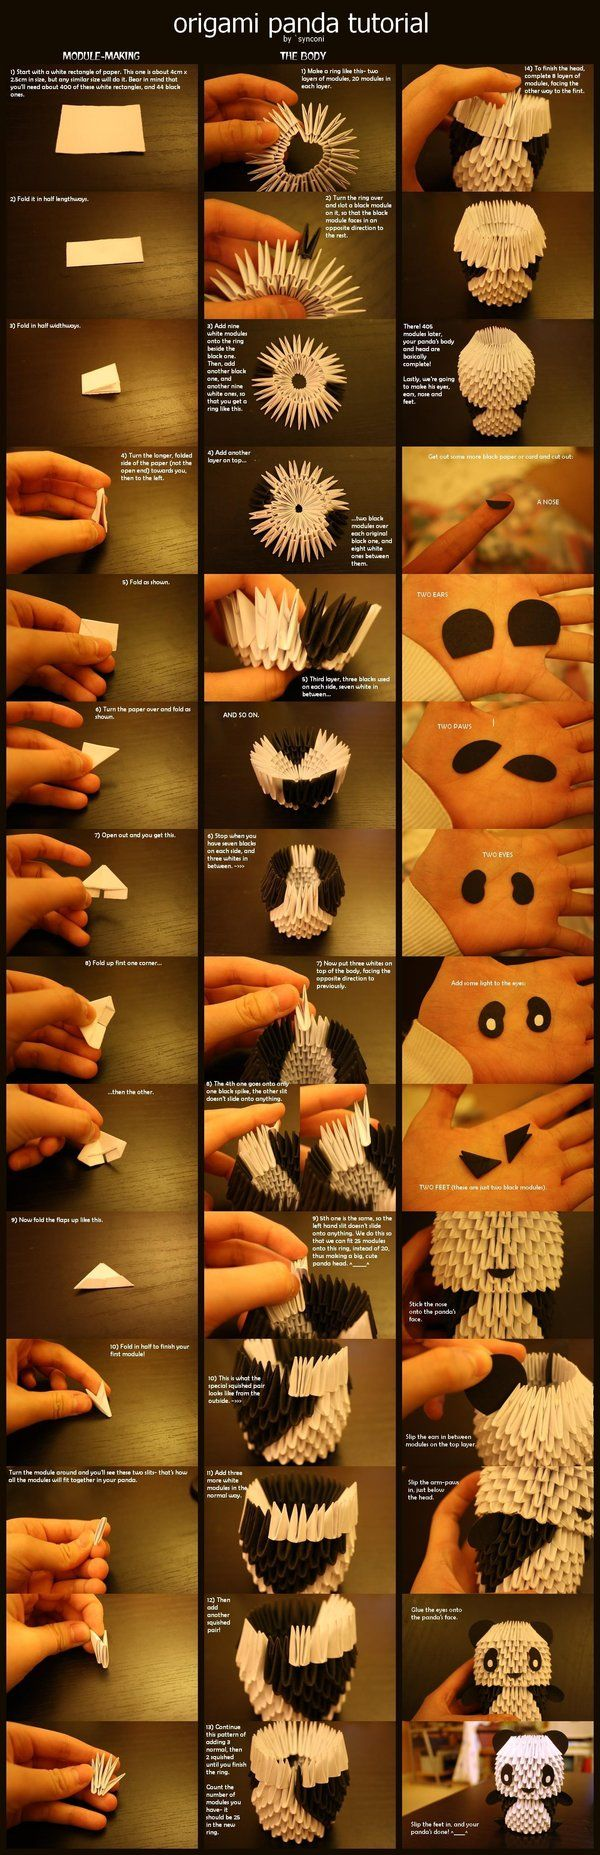 Origami Panda Tutorial- takes a lot of patience to do this! But fun and easy to do!: Tutorial Panda de Origami- leva um pouco de paciência pra fazer isso! Mas é divertido e fácil de fazer!